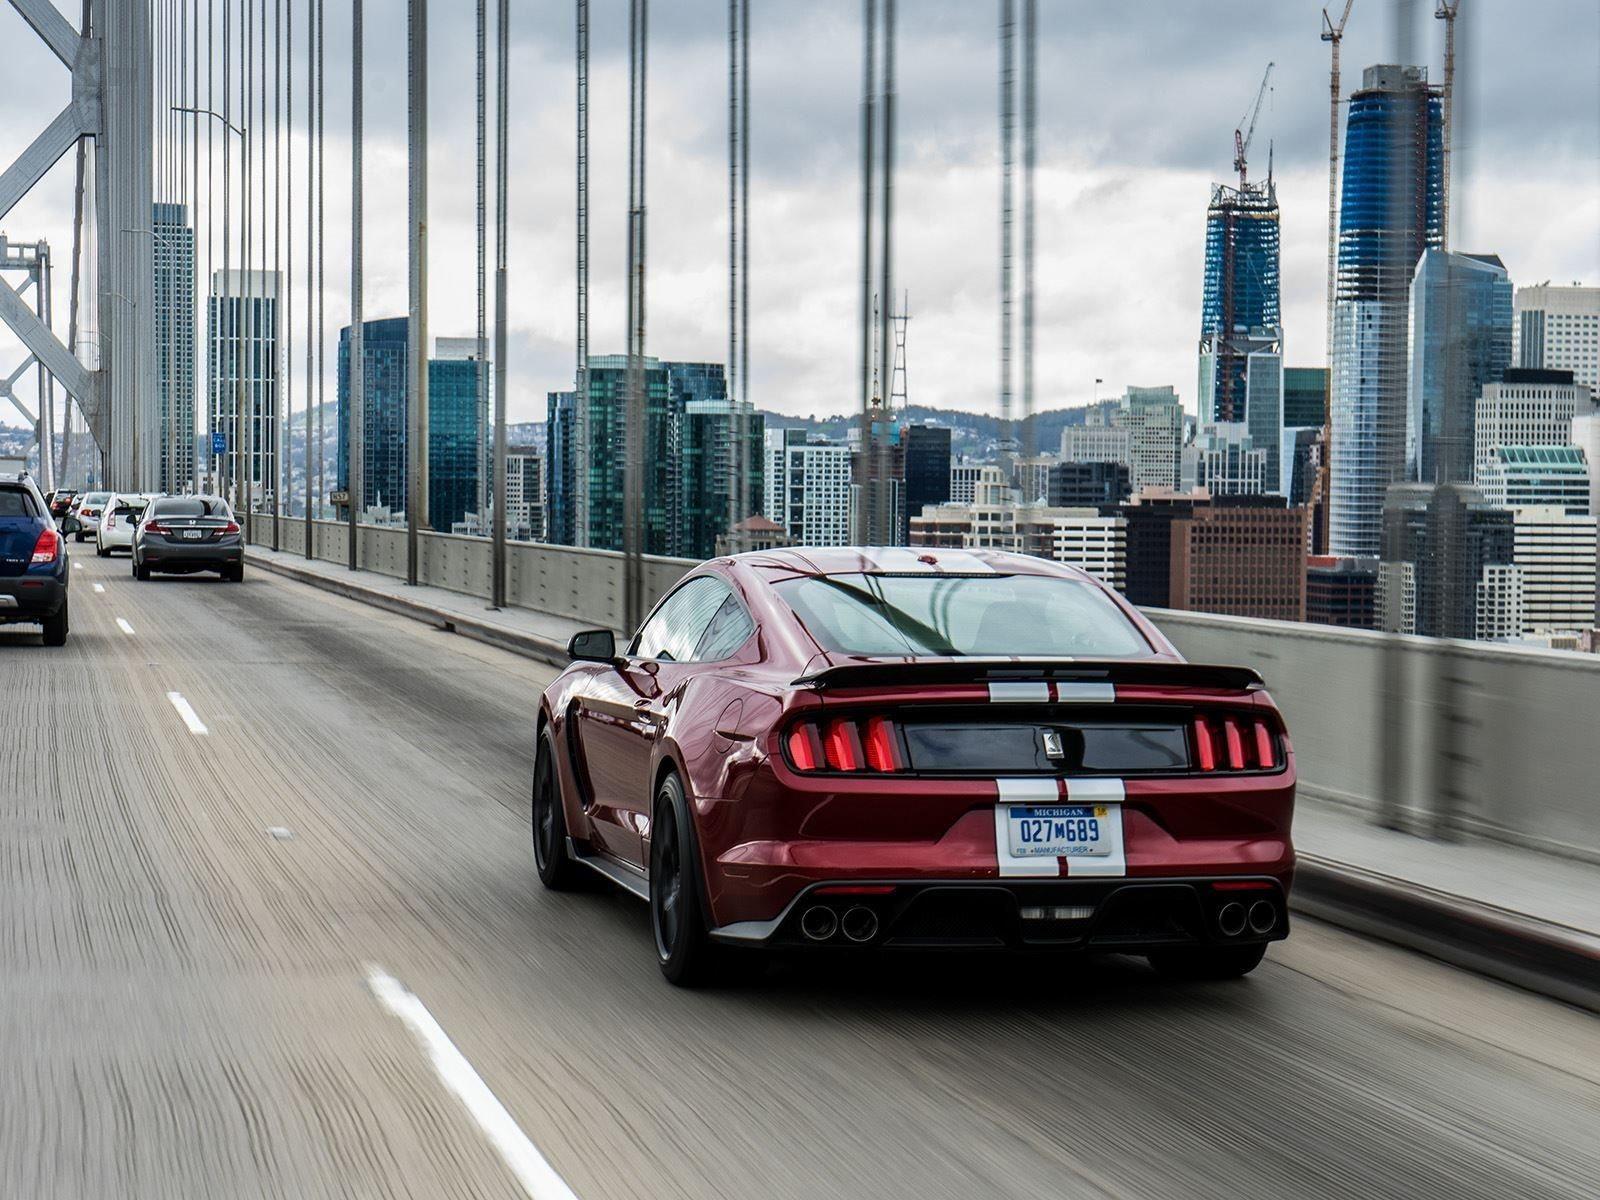 Там также есть аналоговые датчики, но мы надеемся, что автомобиль унаследует цифровой приборный блок от текущего Mustang. Будучи высокопроизводительным, ориентированным на трек автомобилем, Ford будет использовать GT500 для конкуренции с Camaro Camar